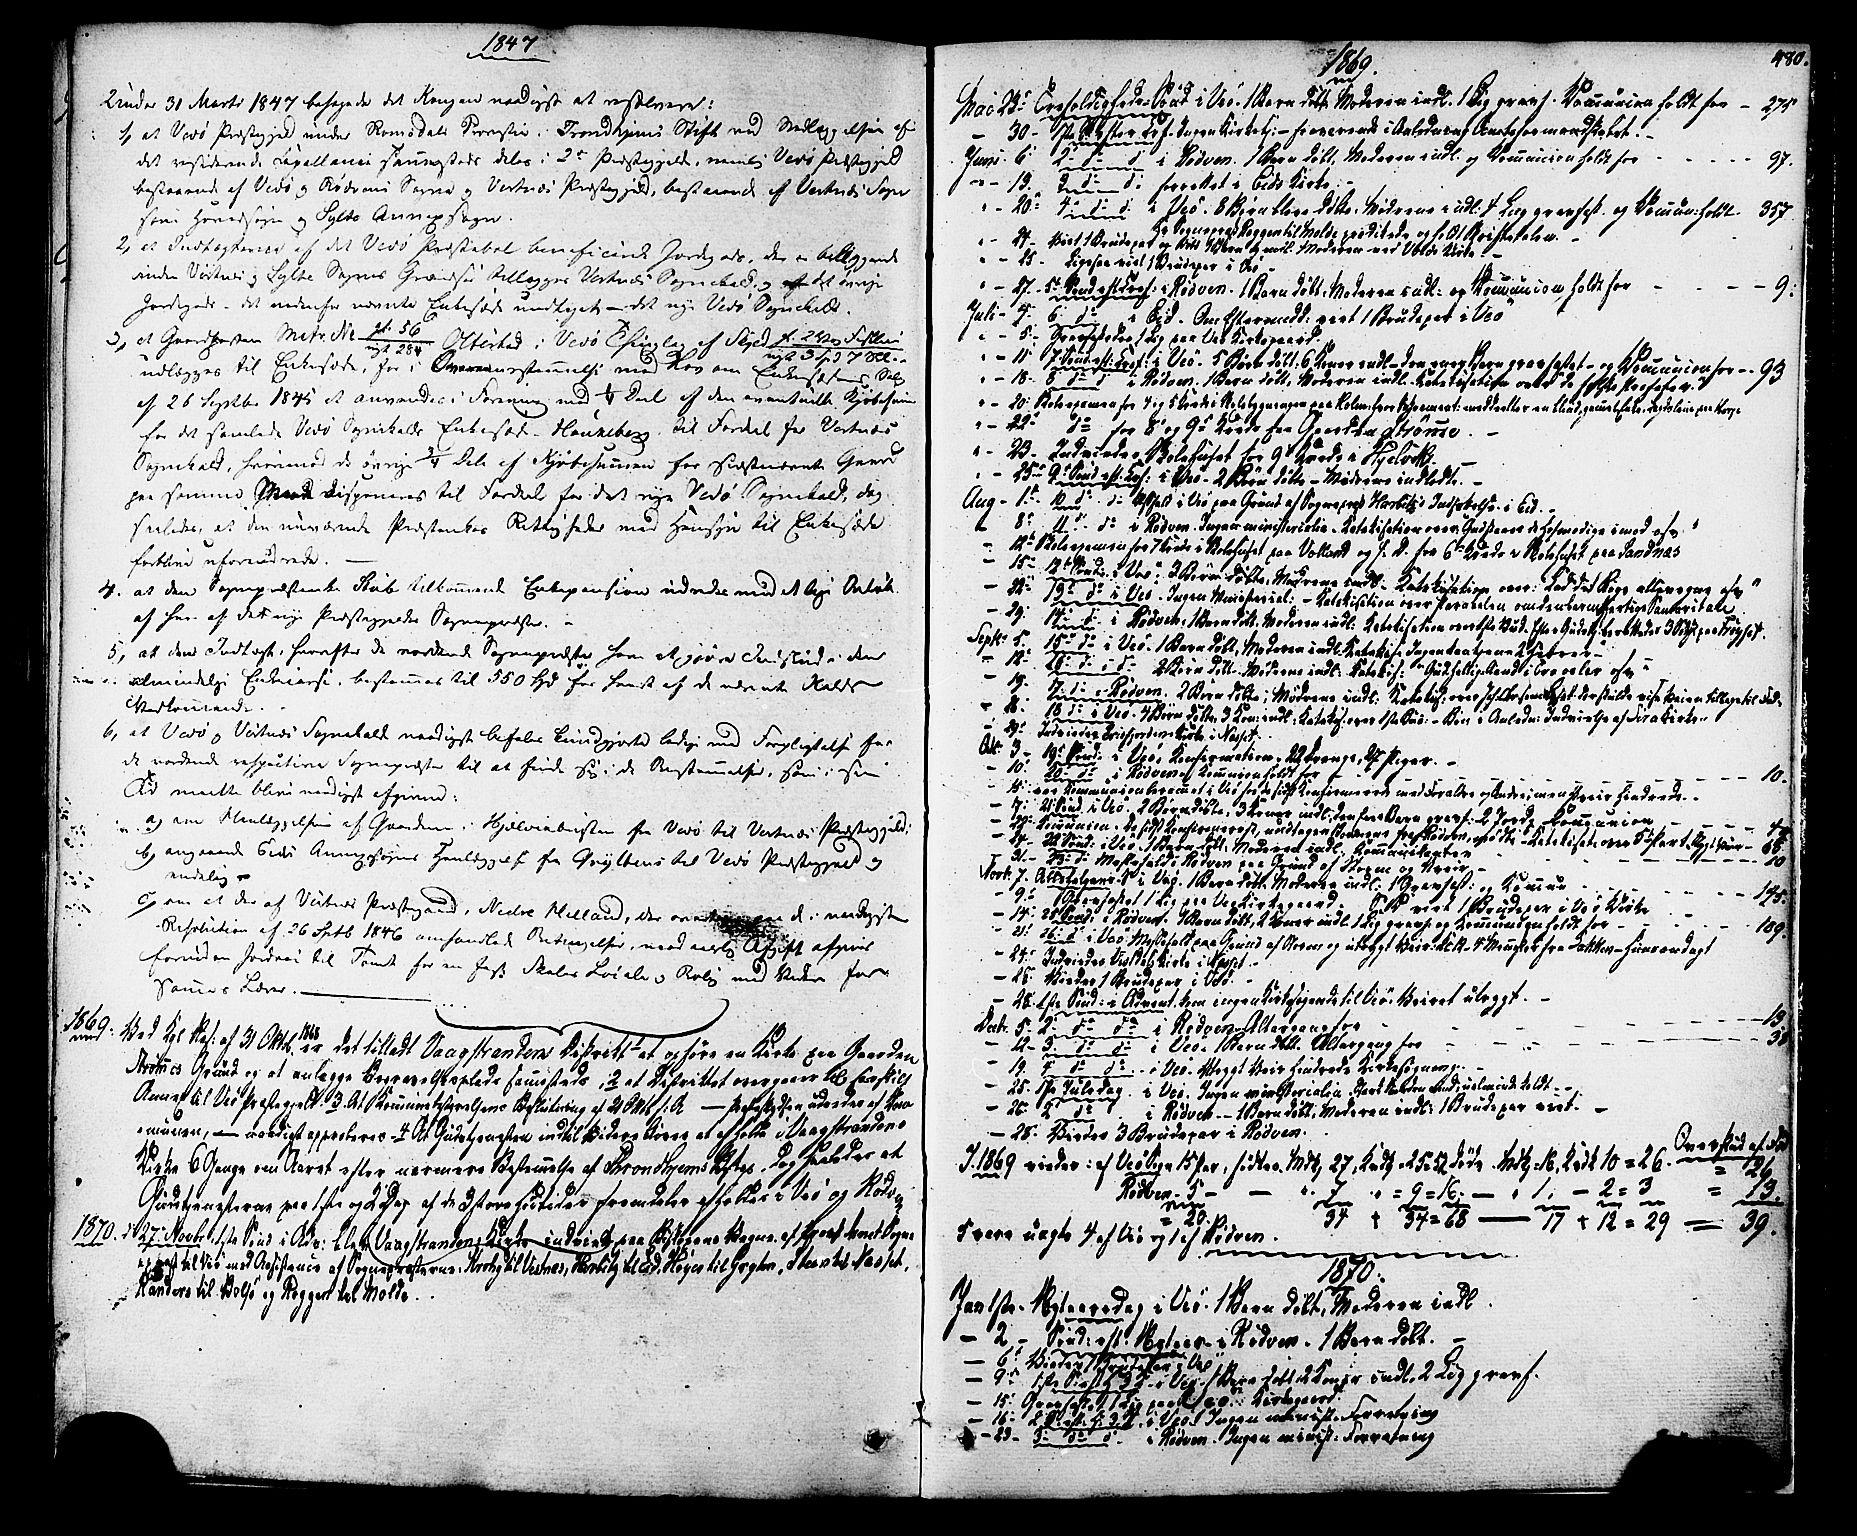 SAT, Ministerialprotokoller, klokkerbøker og fødselsregistre - Møre og Romsdal, 547/L0603: Ministerialbok nr. 547A05, 1846-1877, s. 480